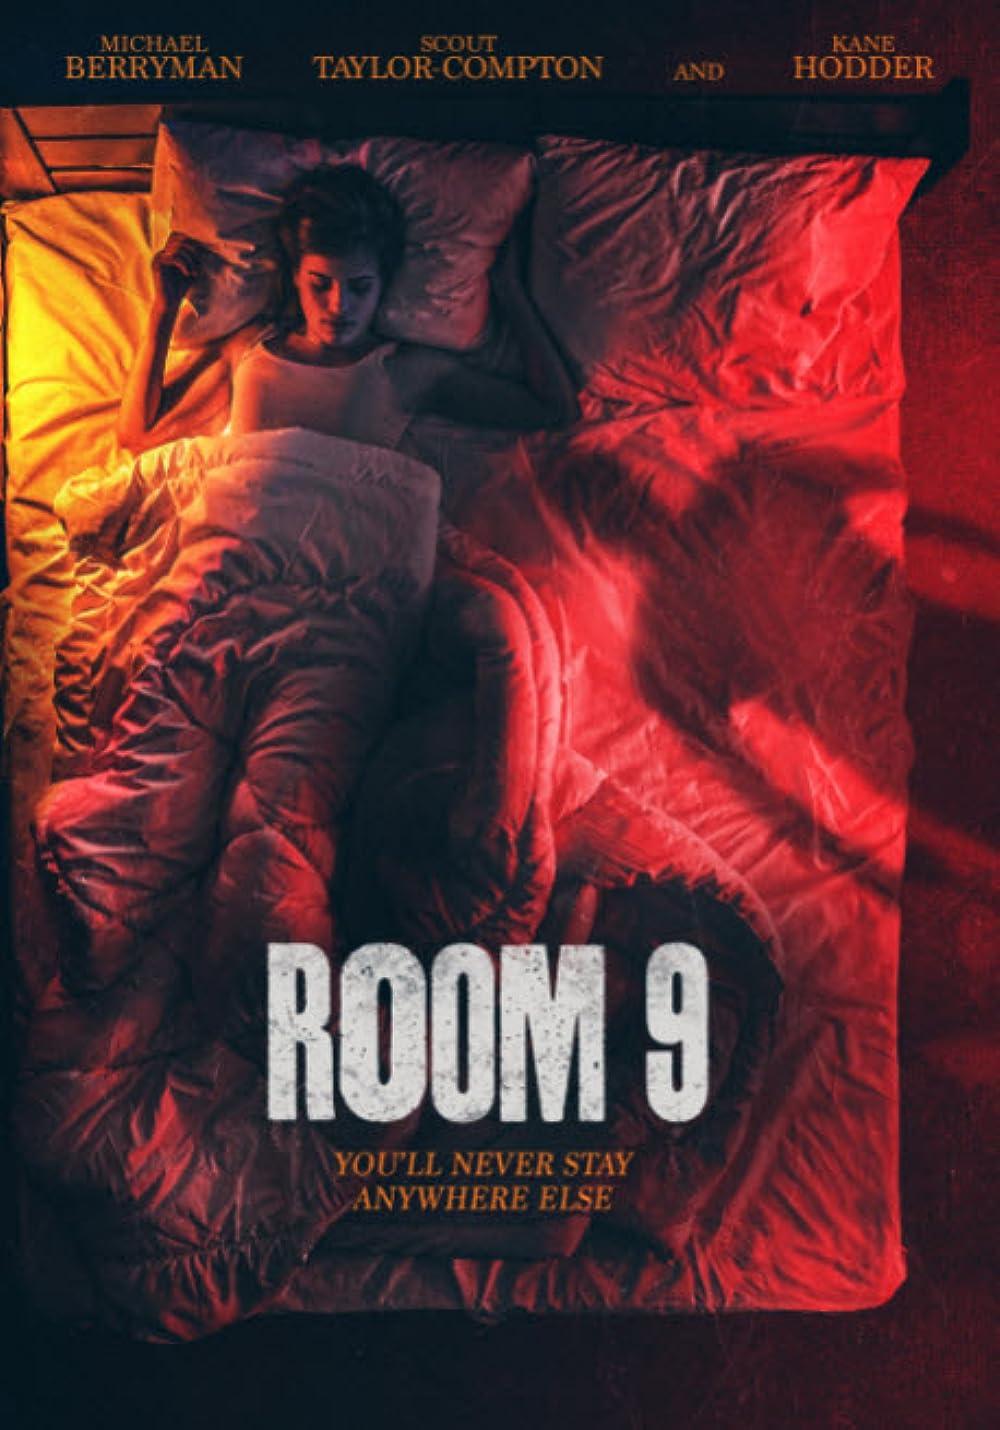 Room 9 (2021) Telugu Dubbed (Voice Over) & English [Dual Audio] WebRip 720p [1XBET]